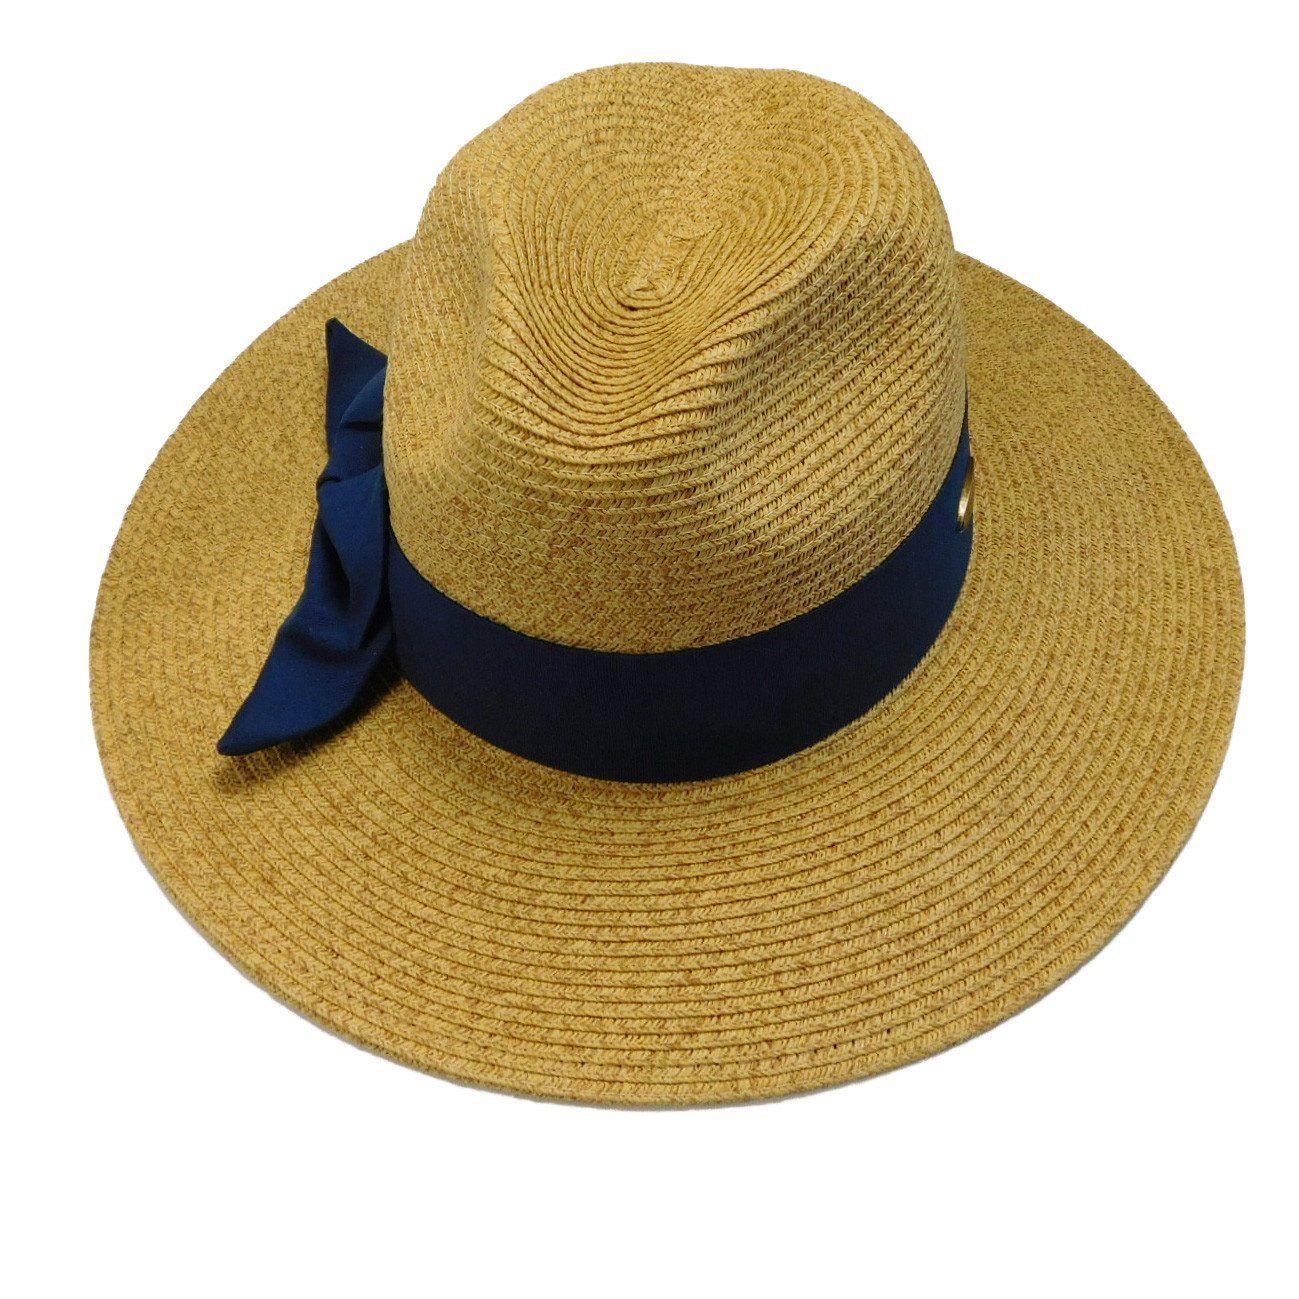 e9a3728a2 Cappelli Large Brim Summer Safari Hat | Products | Safari hat, Hats ...